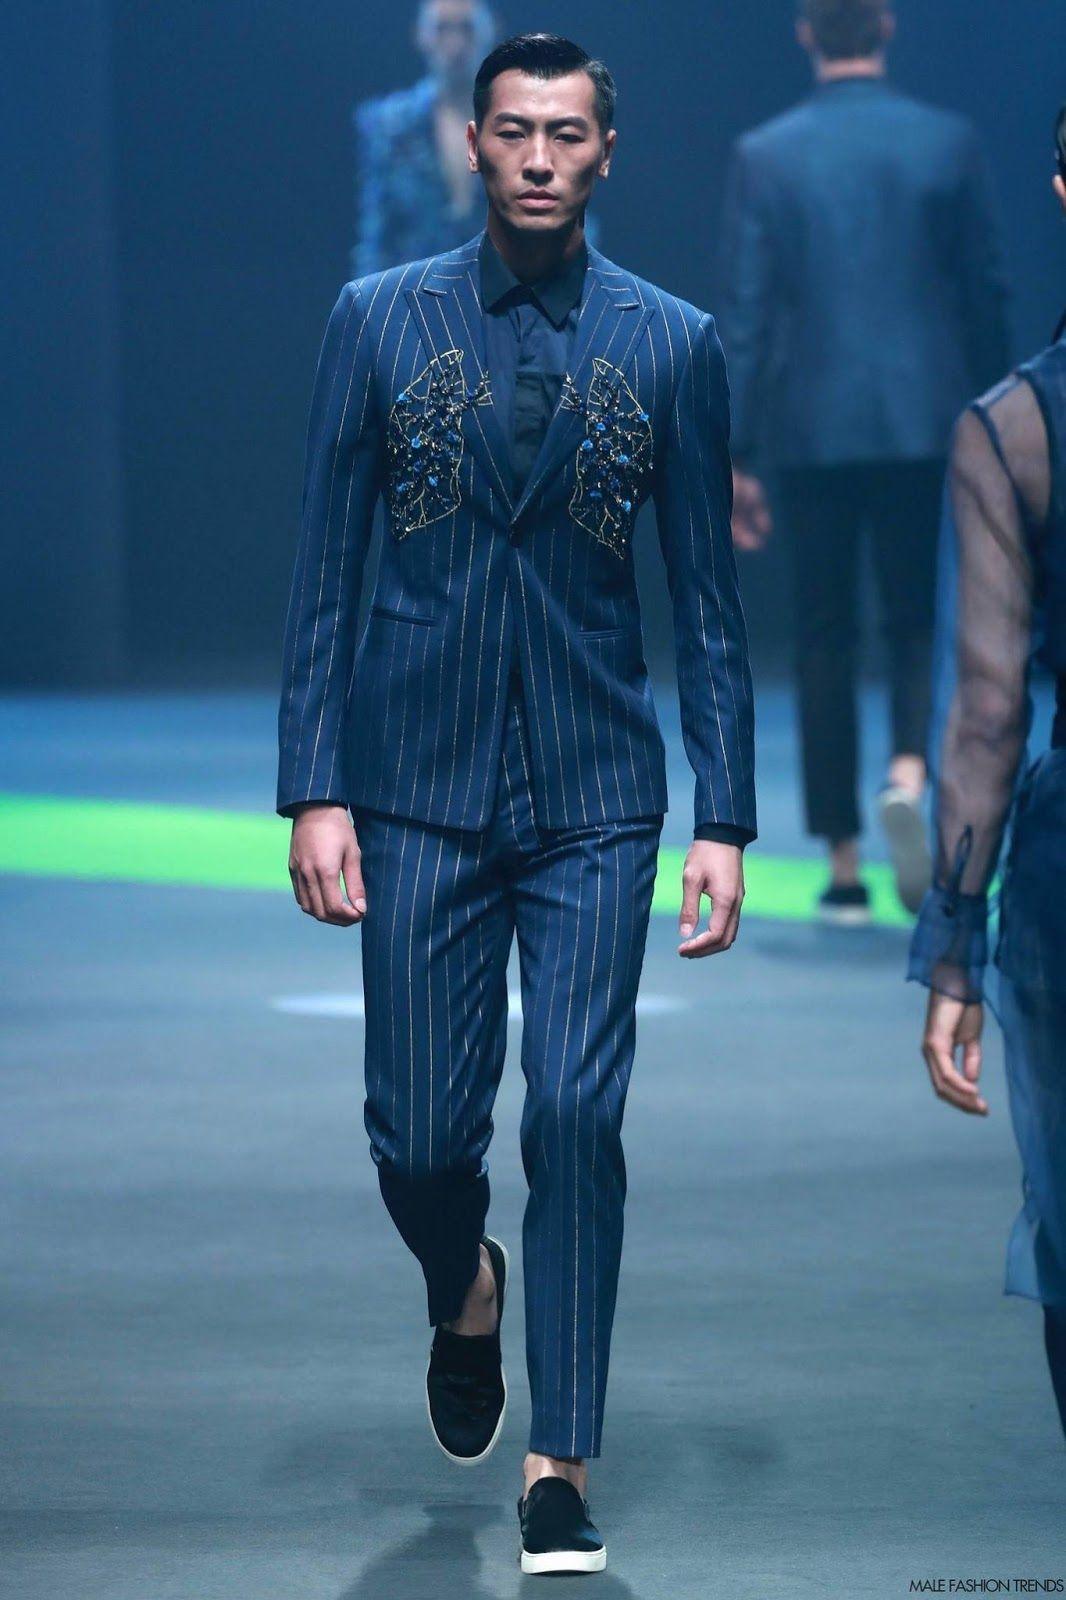 XUANPRIVE Fall/Winter 2016/2017 - Mercedes-Benz Fashion Week China